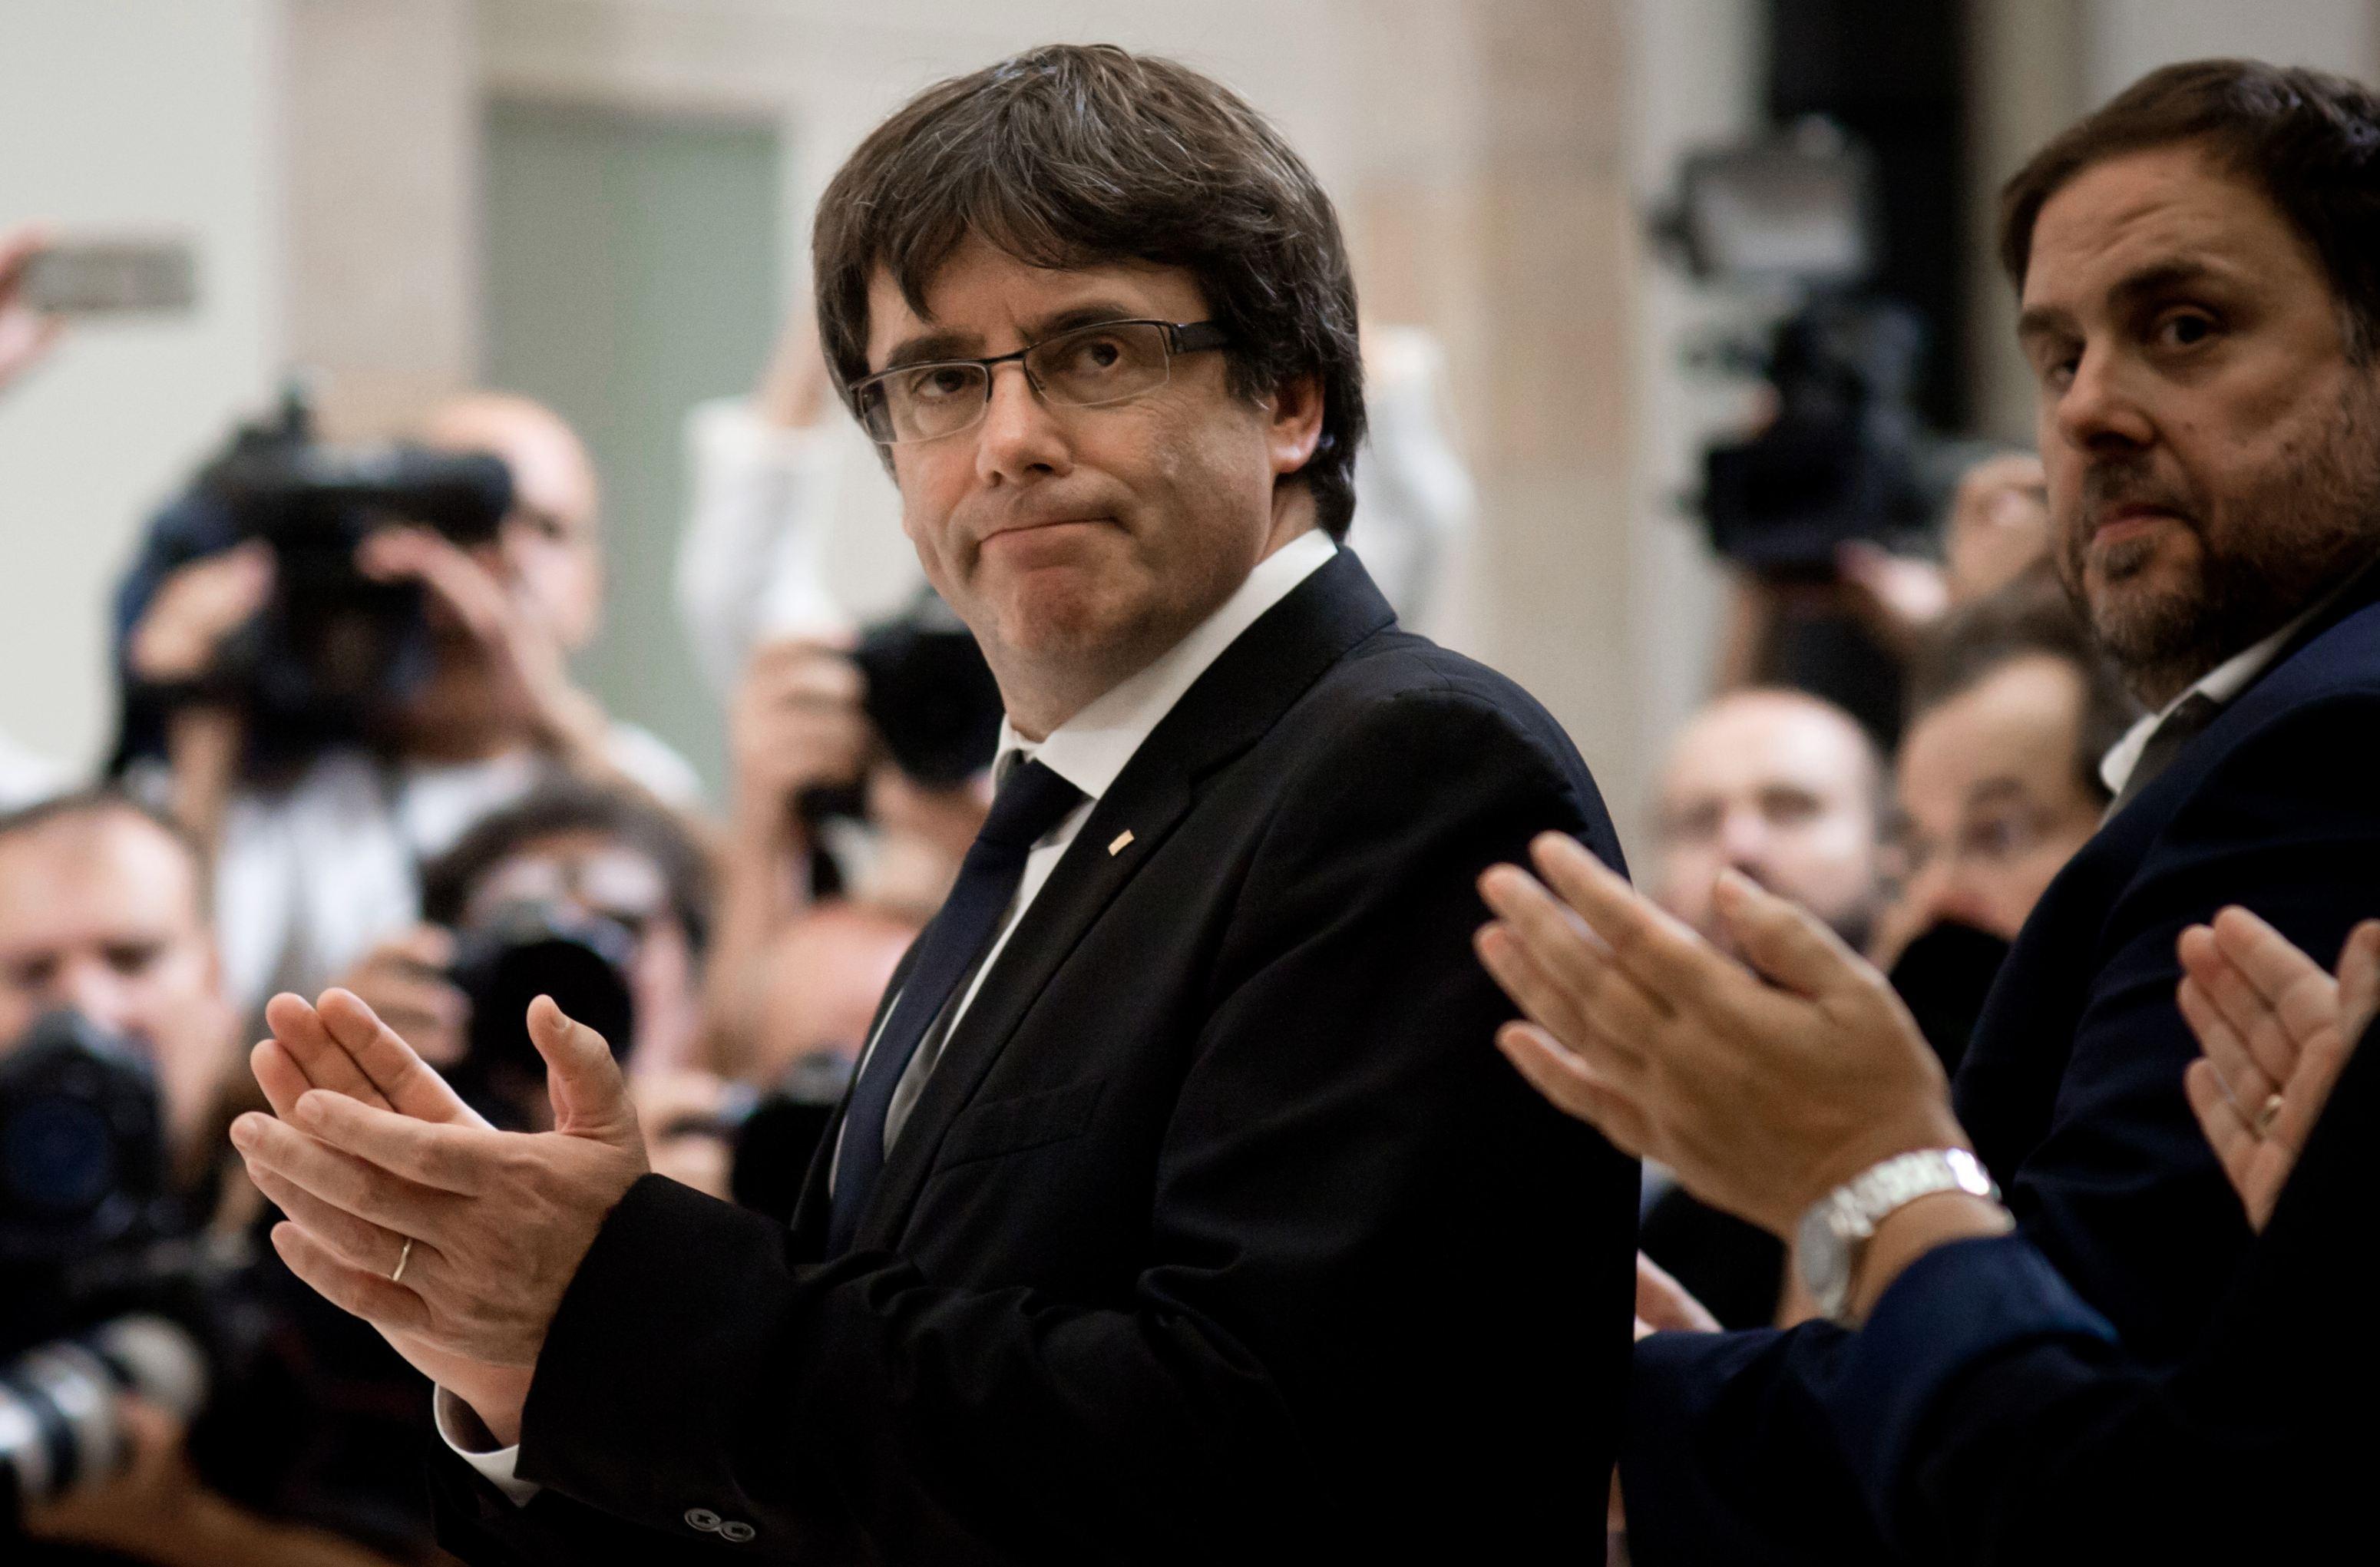 Partidele proindependenţă îşi meţin, la limită, majoritatea în Parlamentul Cataloniei/ Puigdemont afirmă că `republica catalană` a învins statul spaniol